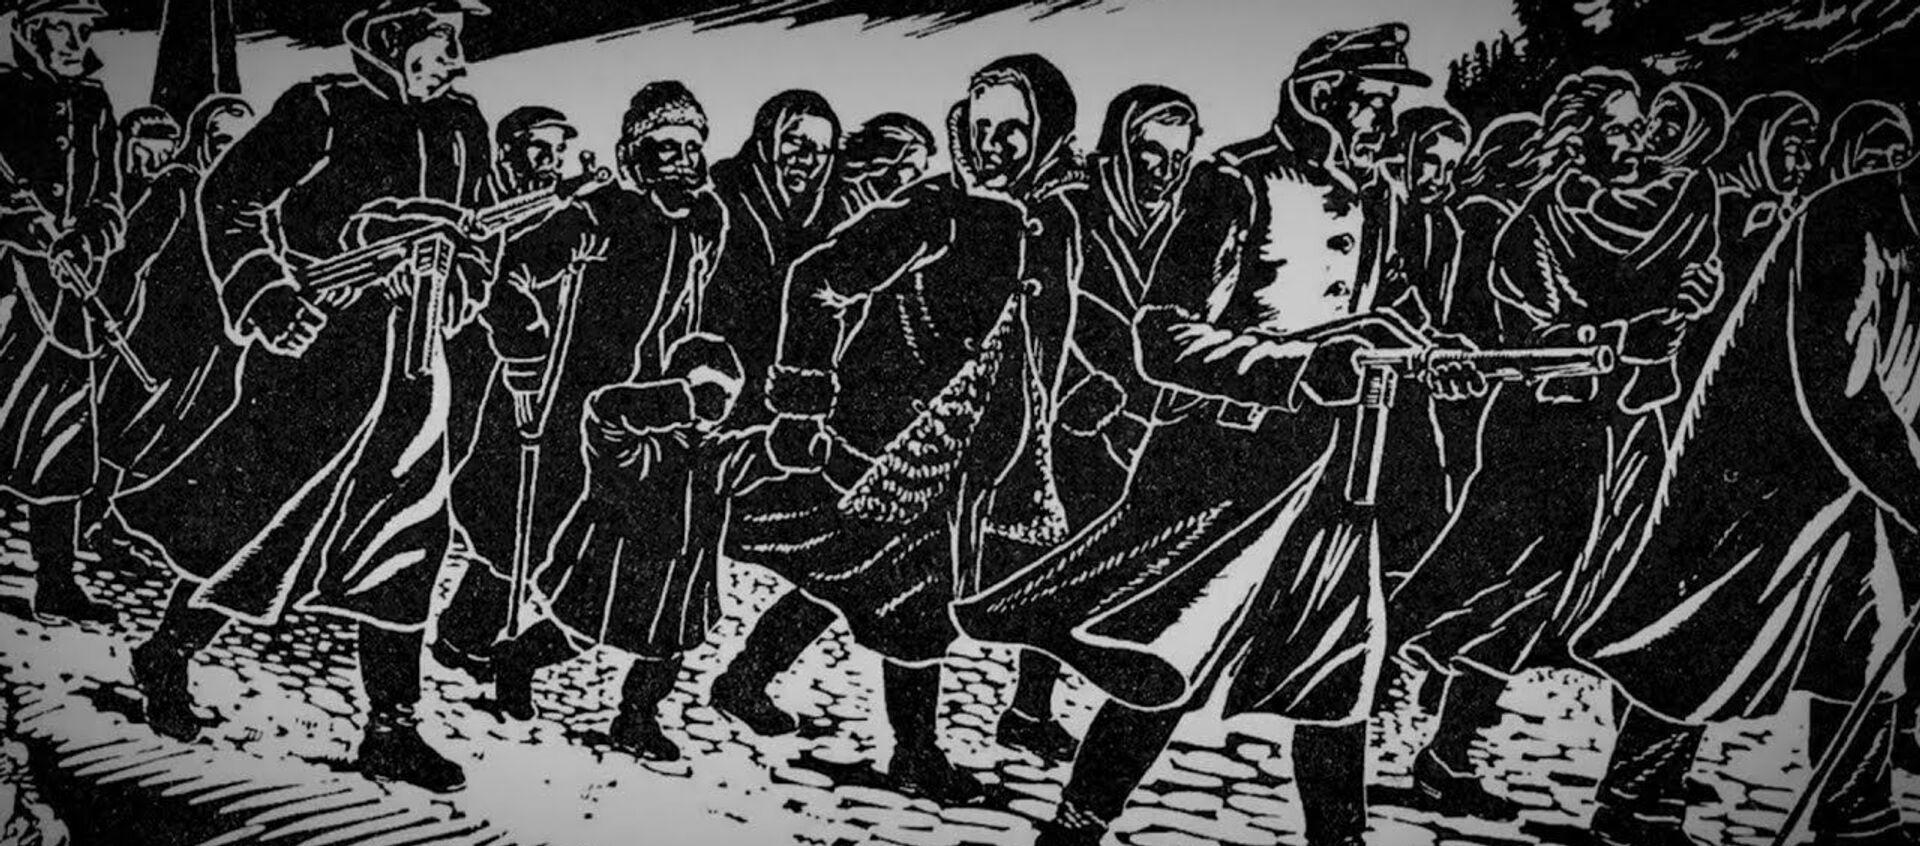 Там вся земля в этих трупах: узница Саласпилса поделилась страшными воспоминаниями - Sputnik Latvija, 1920, 04.10.2020